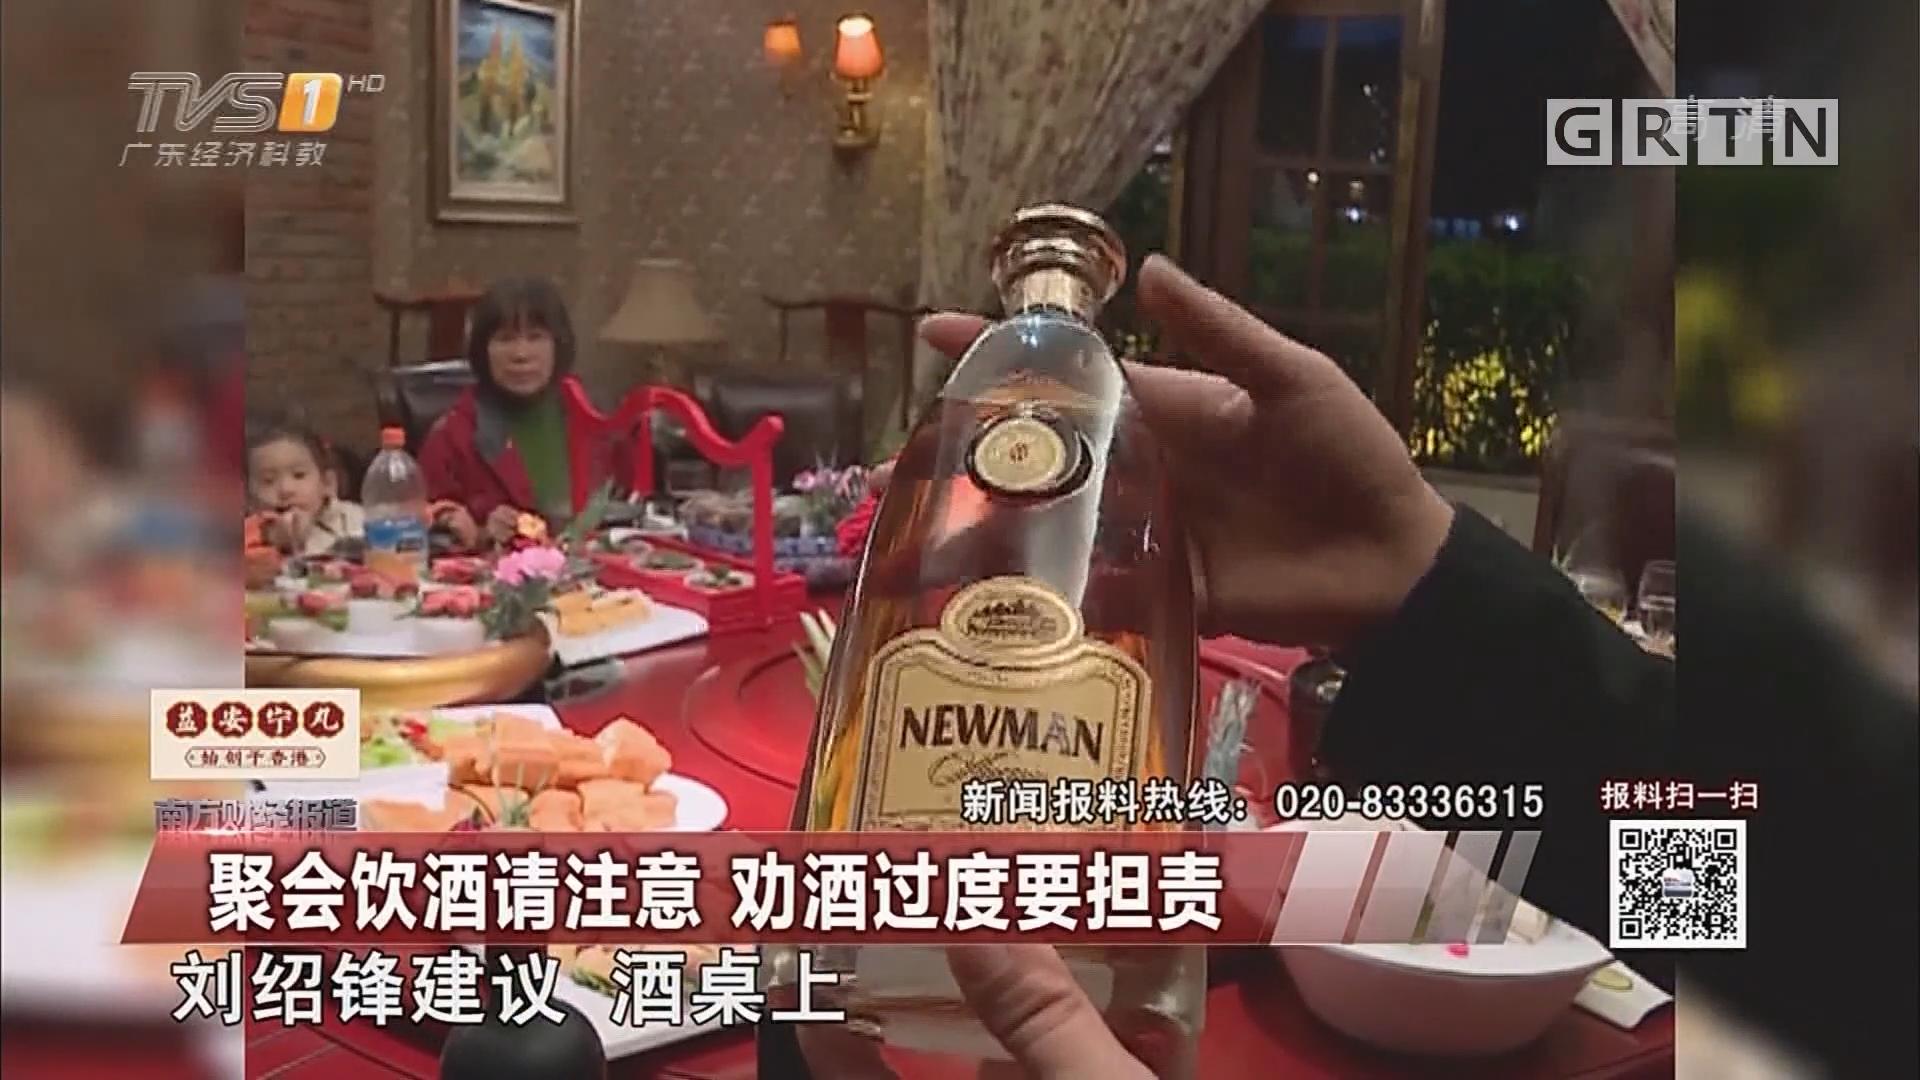 聚会饮酒请注意 劝酒过度要担责